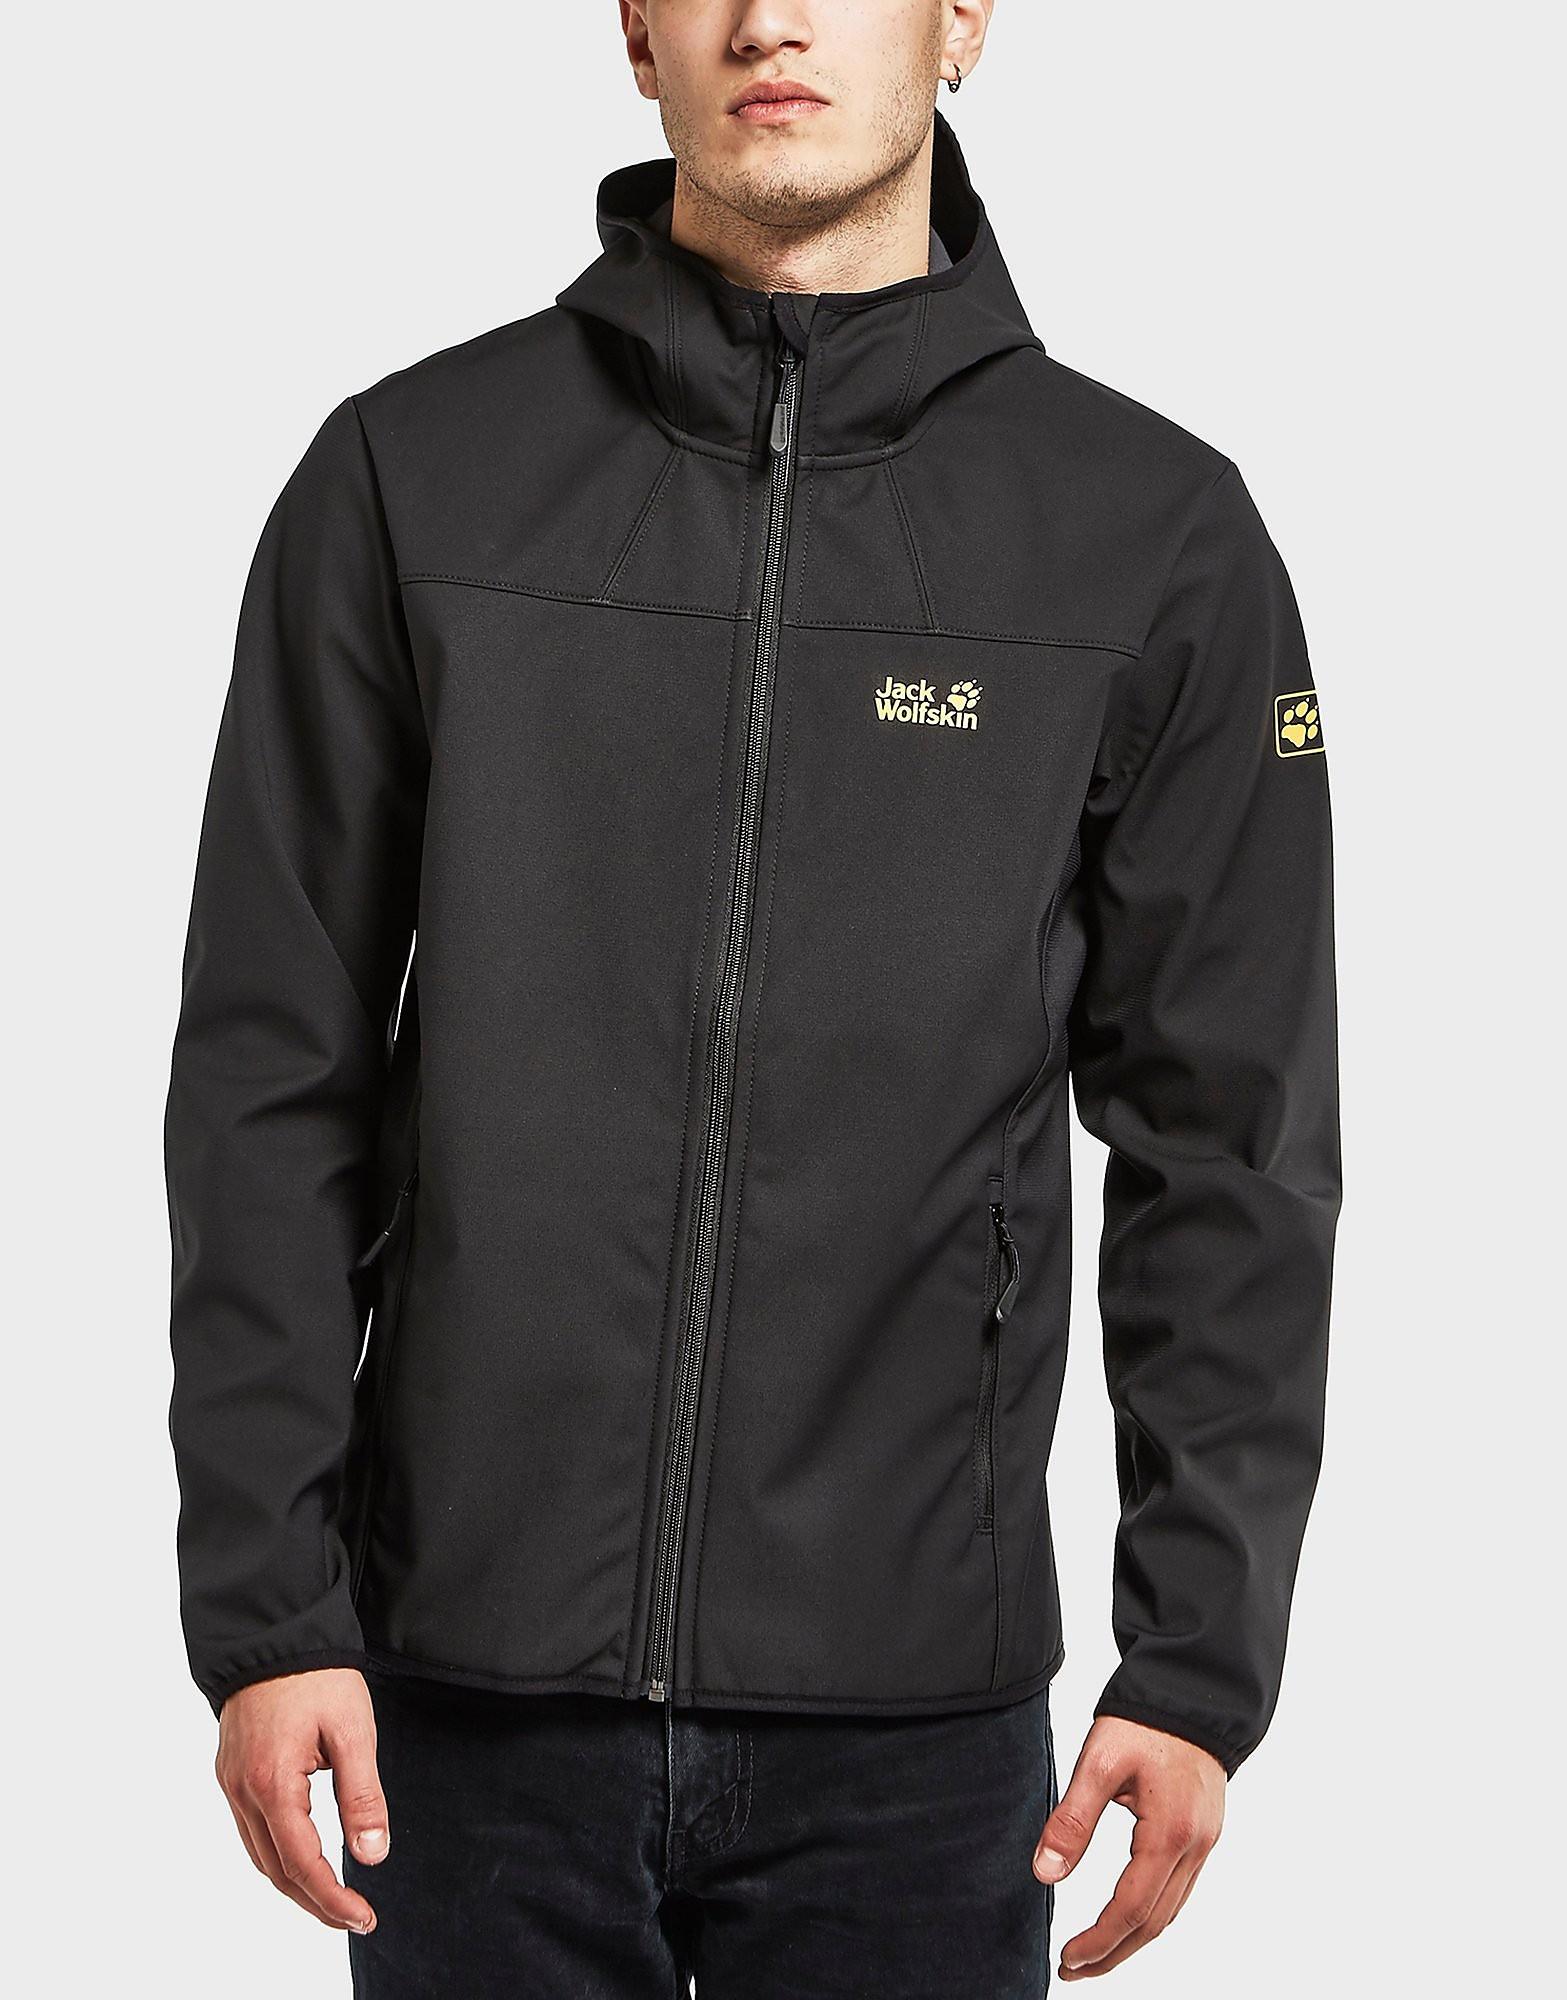 Jack Wolfskin Northern Point Shell Lightweight Jacket